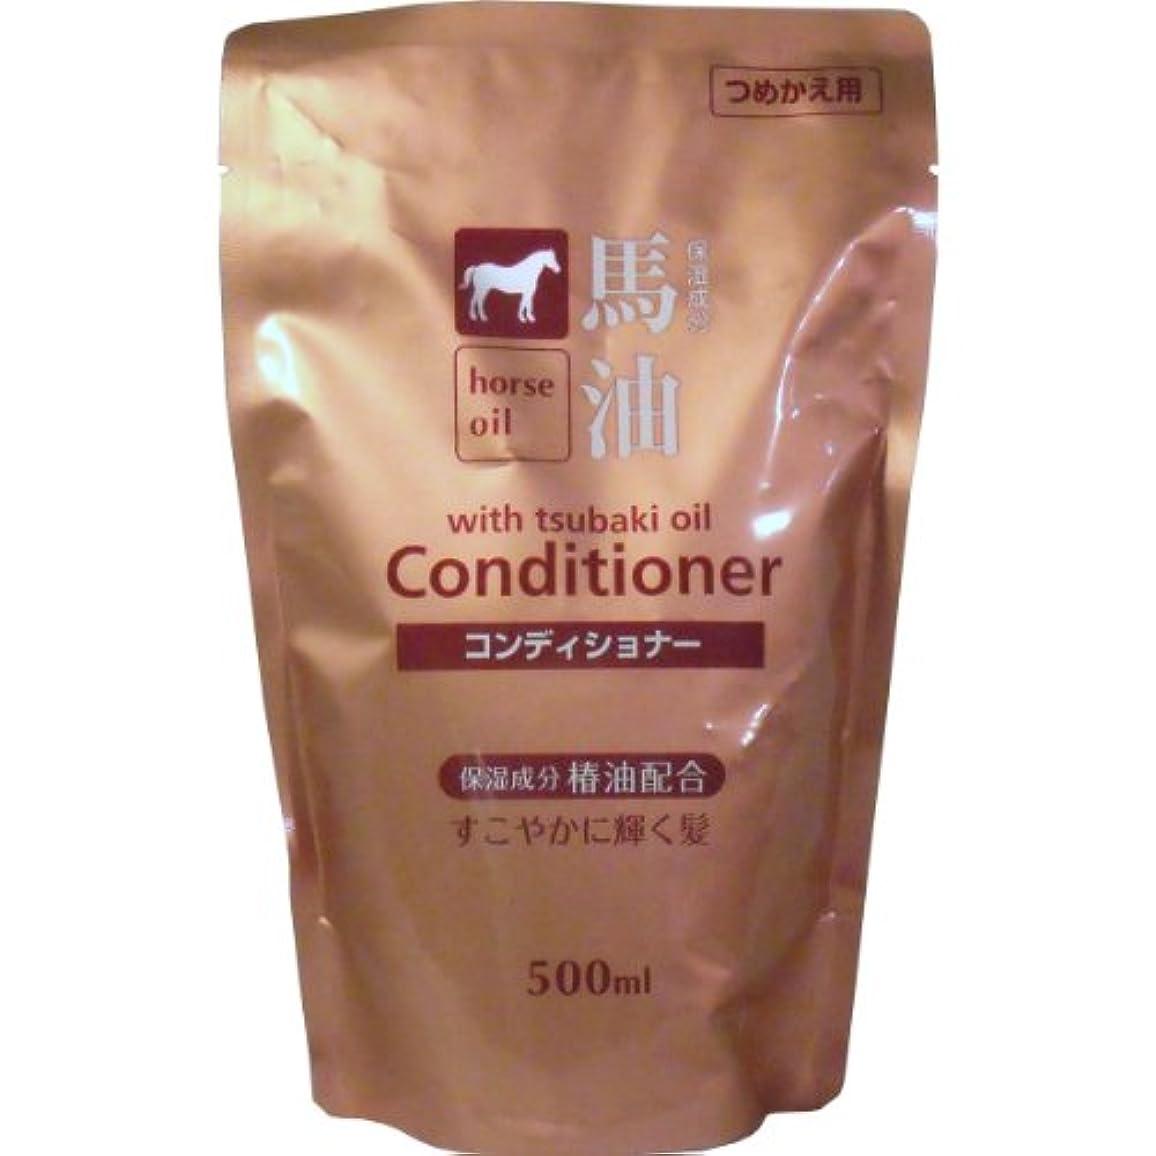 紫のかすれた仕様馬油コンディショナー 椿油配合 詰替え用 500mL